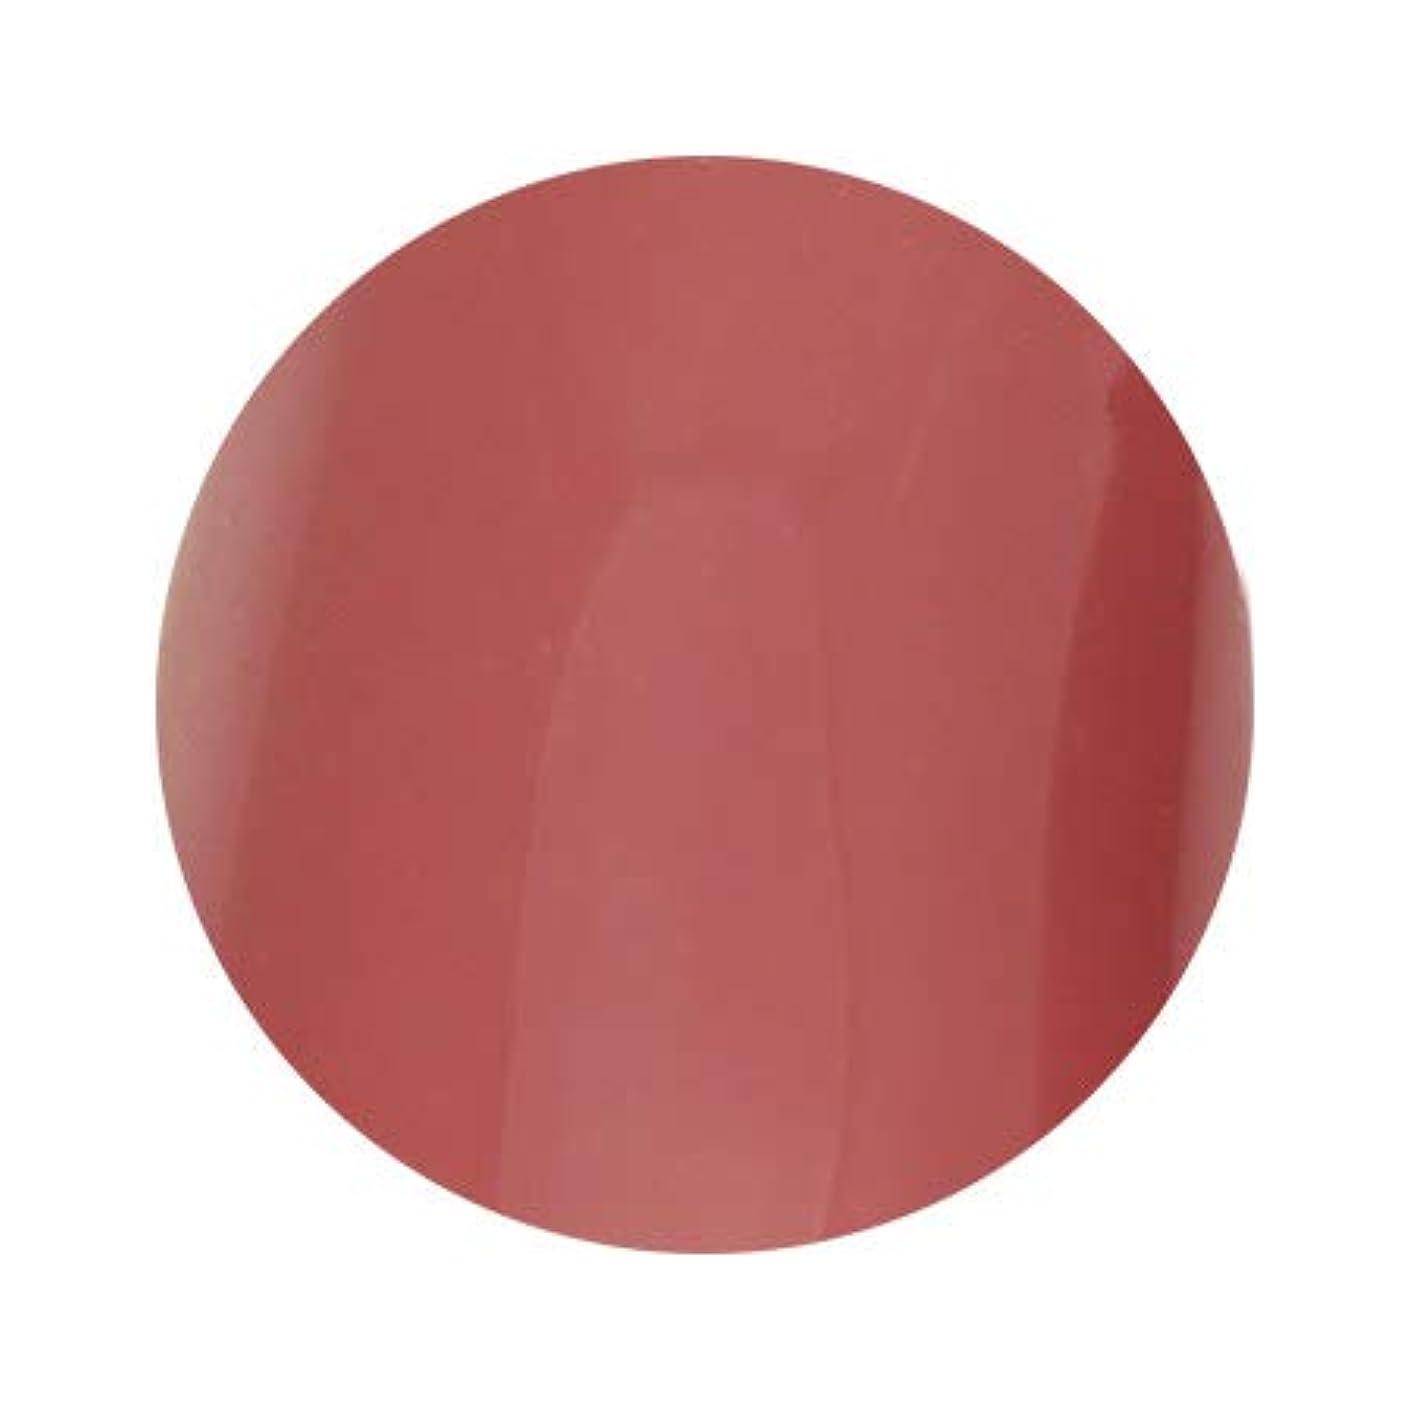 知覚できる日食顕著More Couture モアクチュール モアジェル カラージェル F606 Amelia (アメリア) 5g